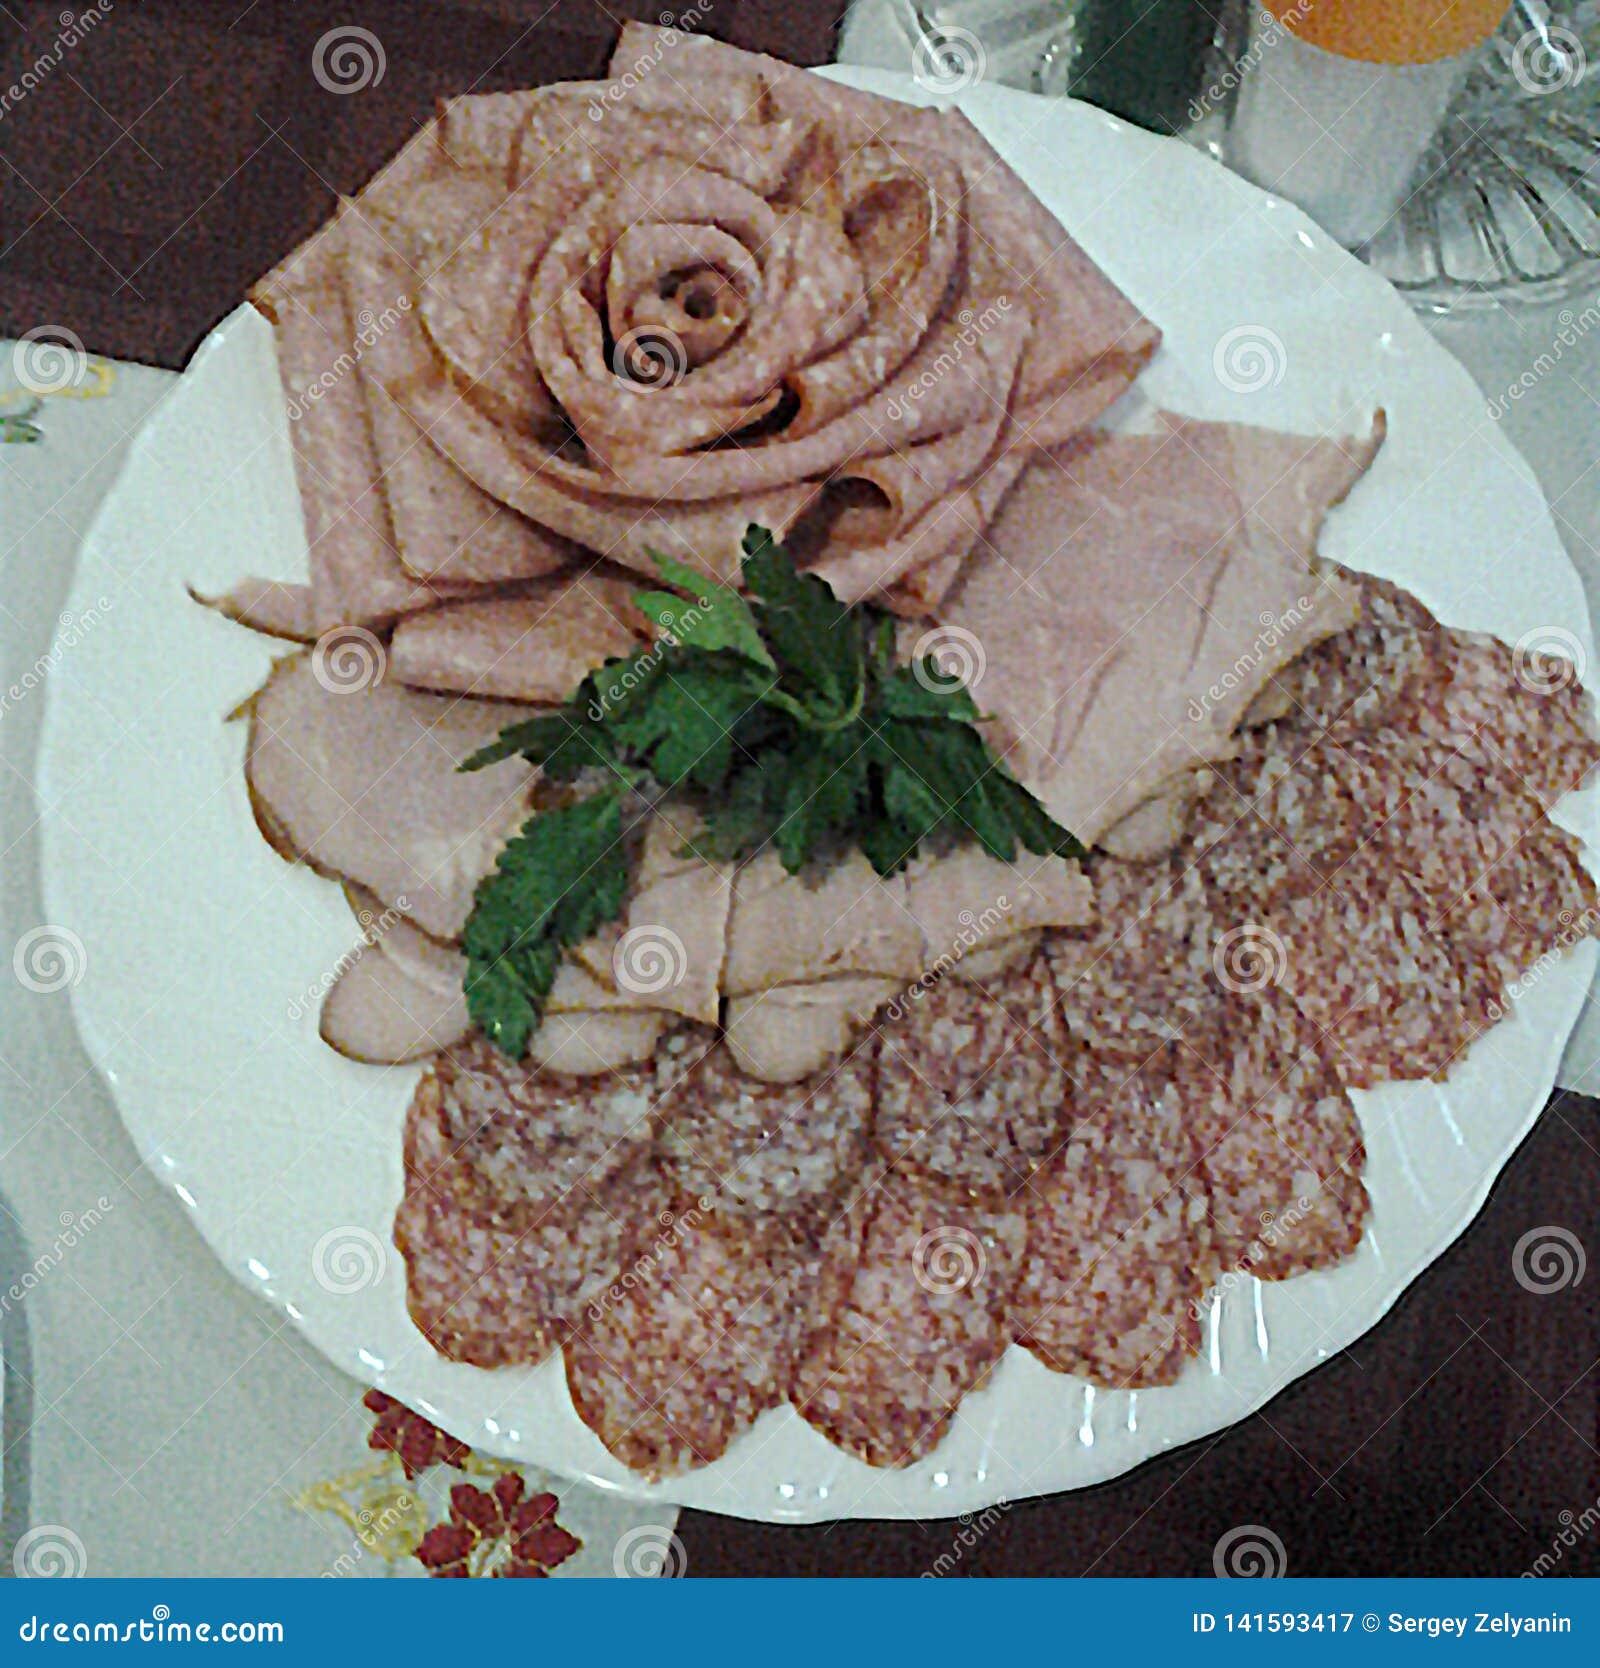 Dünner Ausschnitt des Fleisches und der geräucherten Wurst, verziert mit Grüns